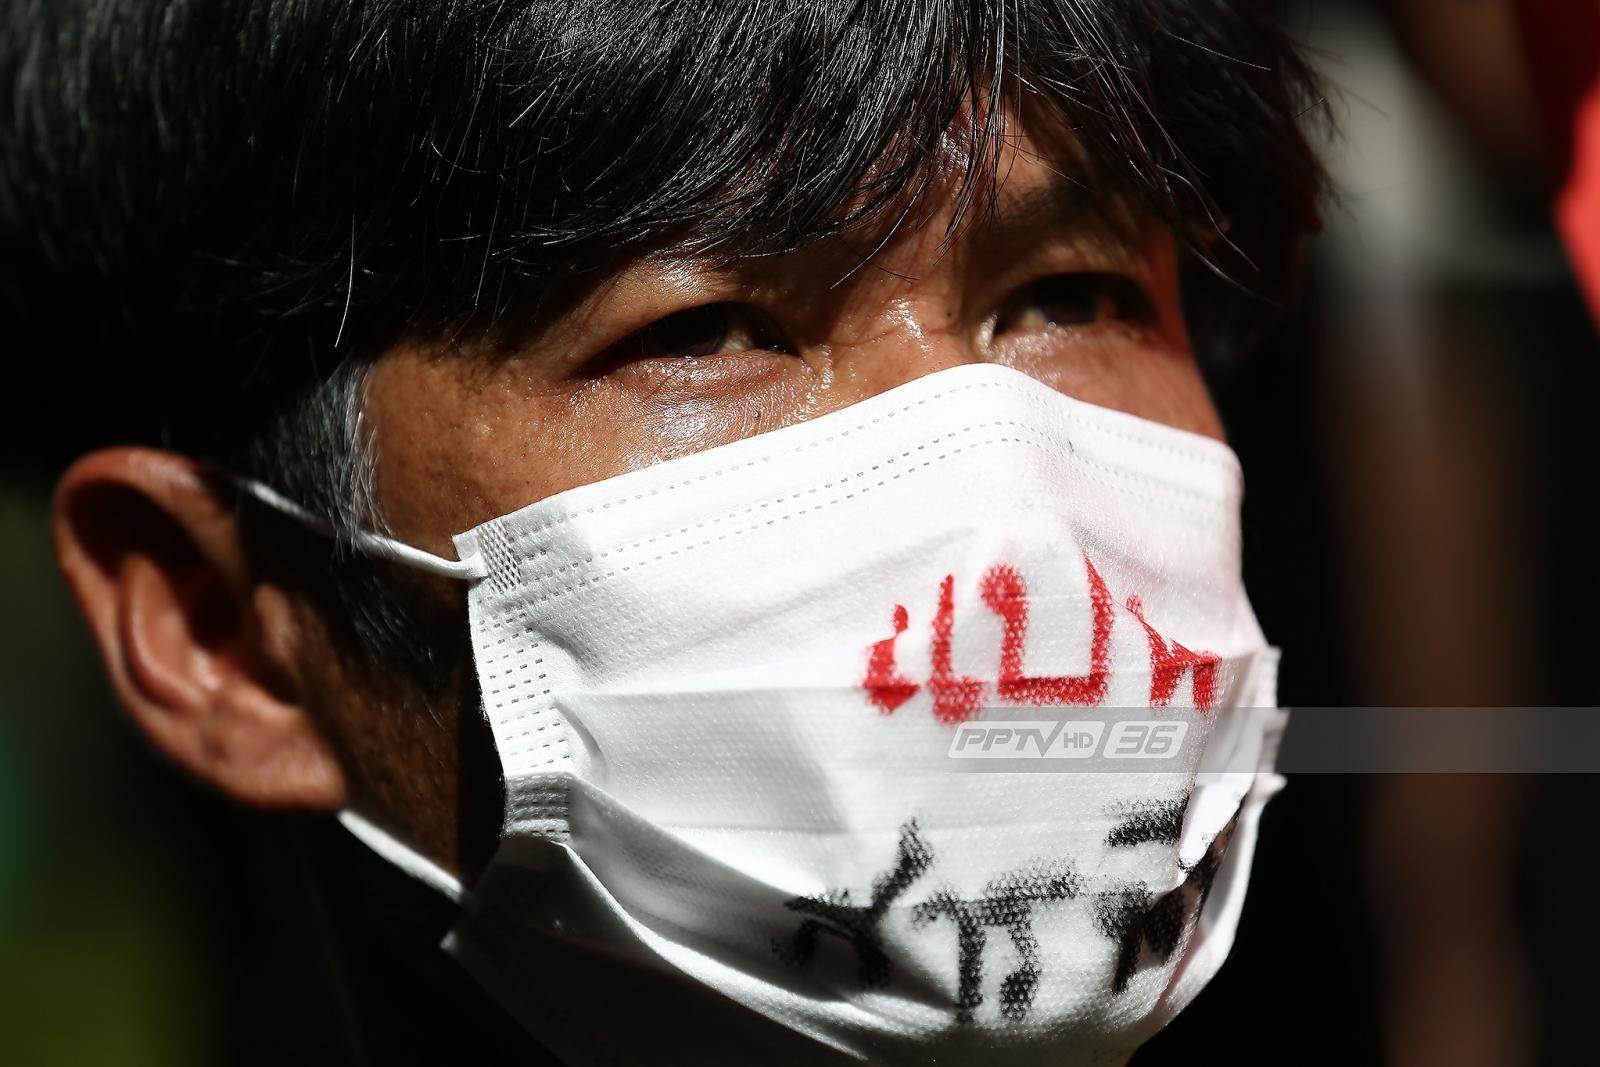 53 องค์กรขอนายกฯ สั่งห้ามใช้สารเคมีอันตรายในยาฆ่าหญ้า-แมลง